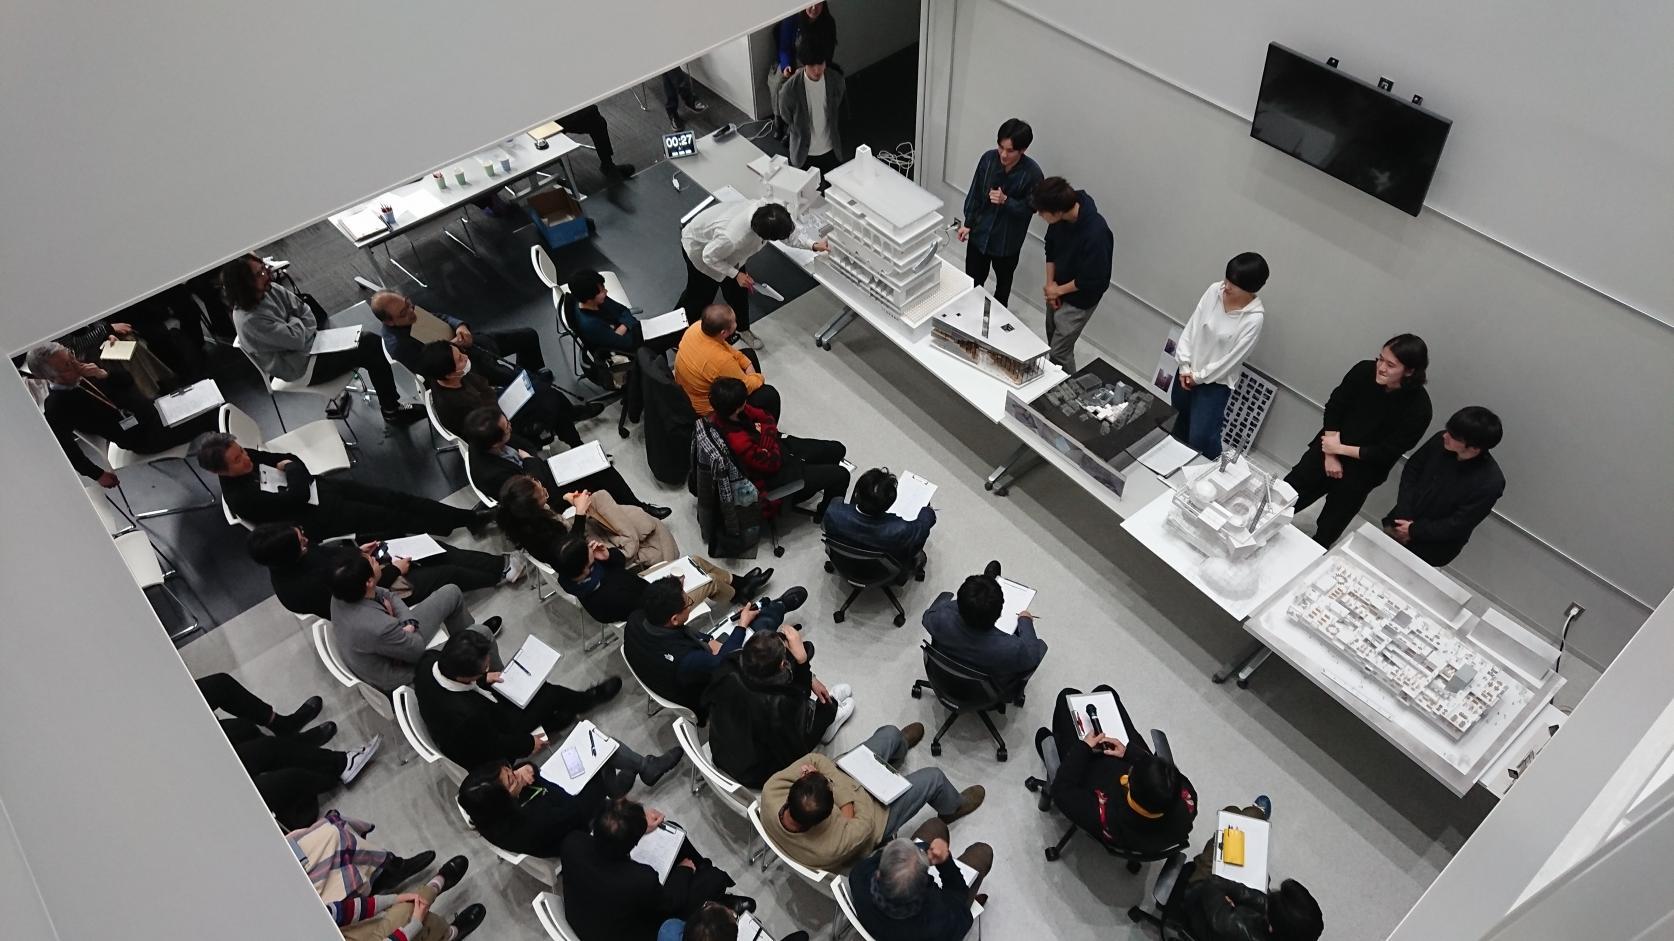 建築学科 2019年度桜建賞(設計)審査会が開催されました。